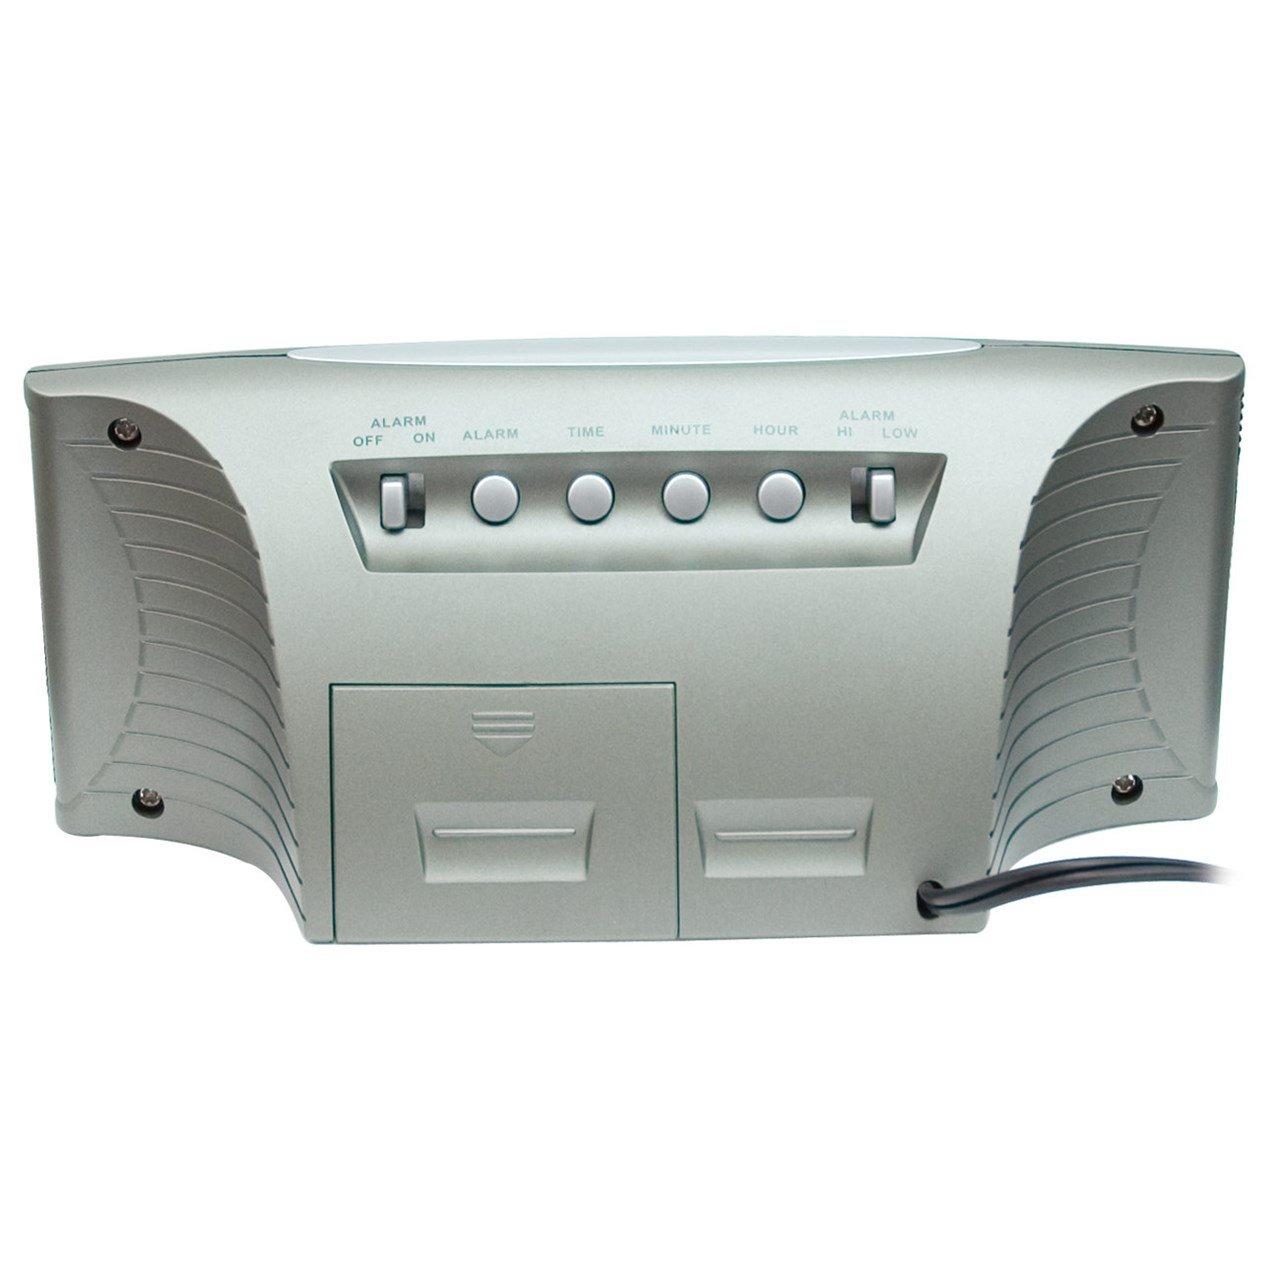 Amazon.com: Reizen Jumbo Super Loud Reloj despertador con 2 ...